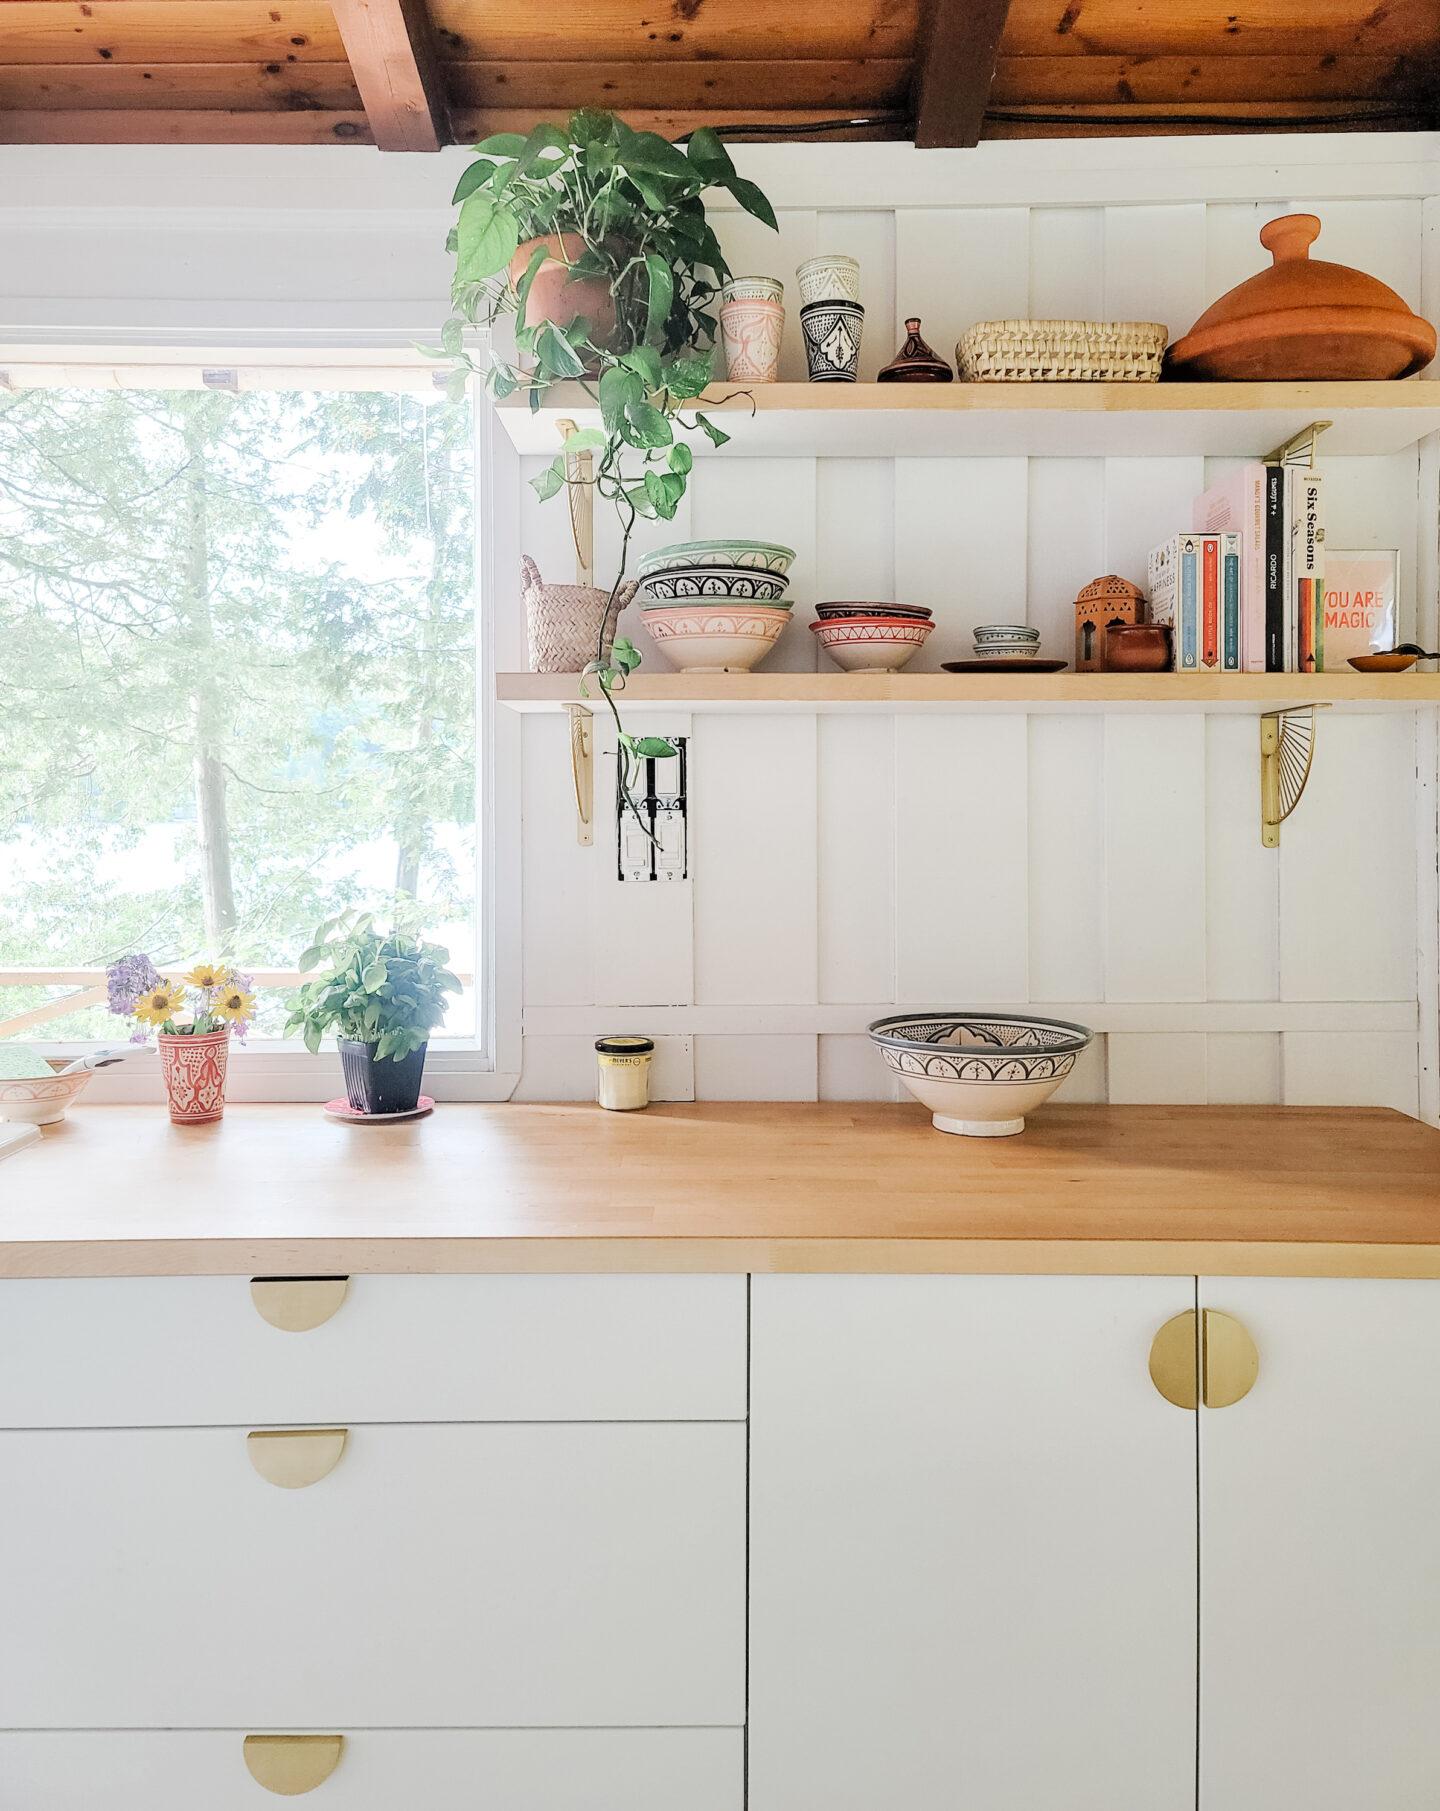 Bohemian kitchen decor